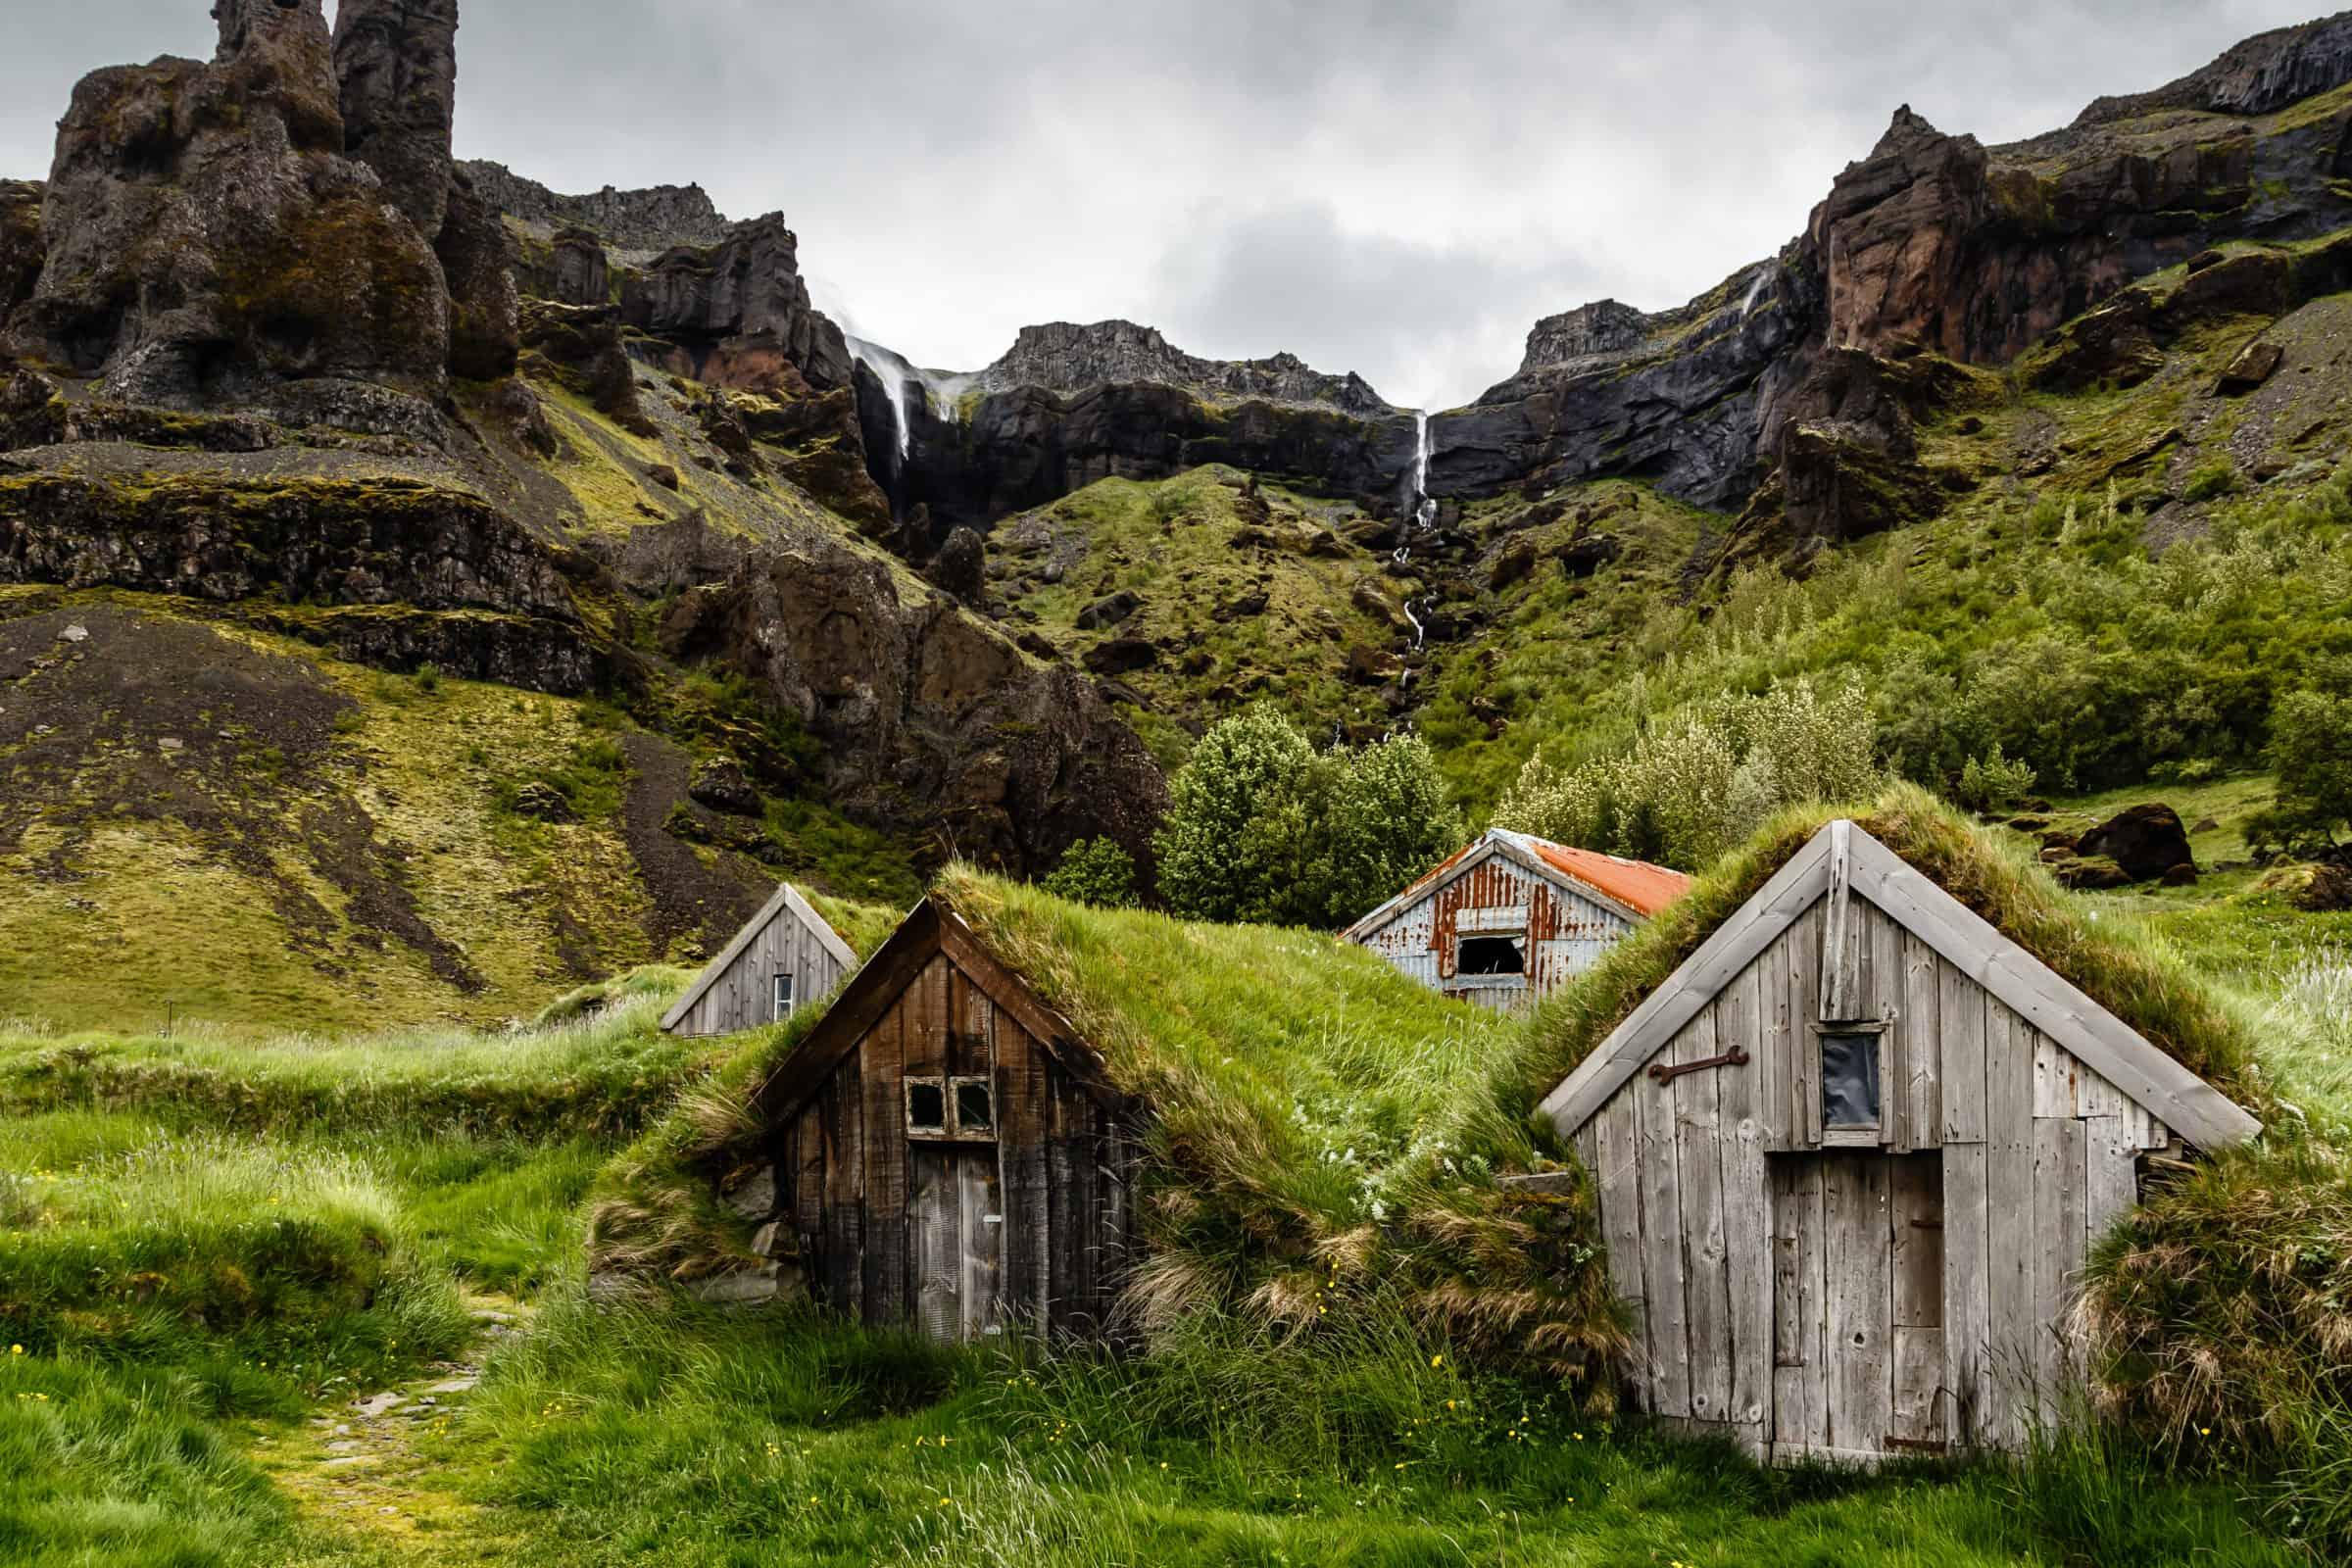 iceland turf house